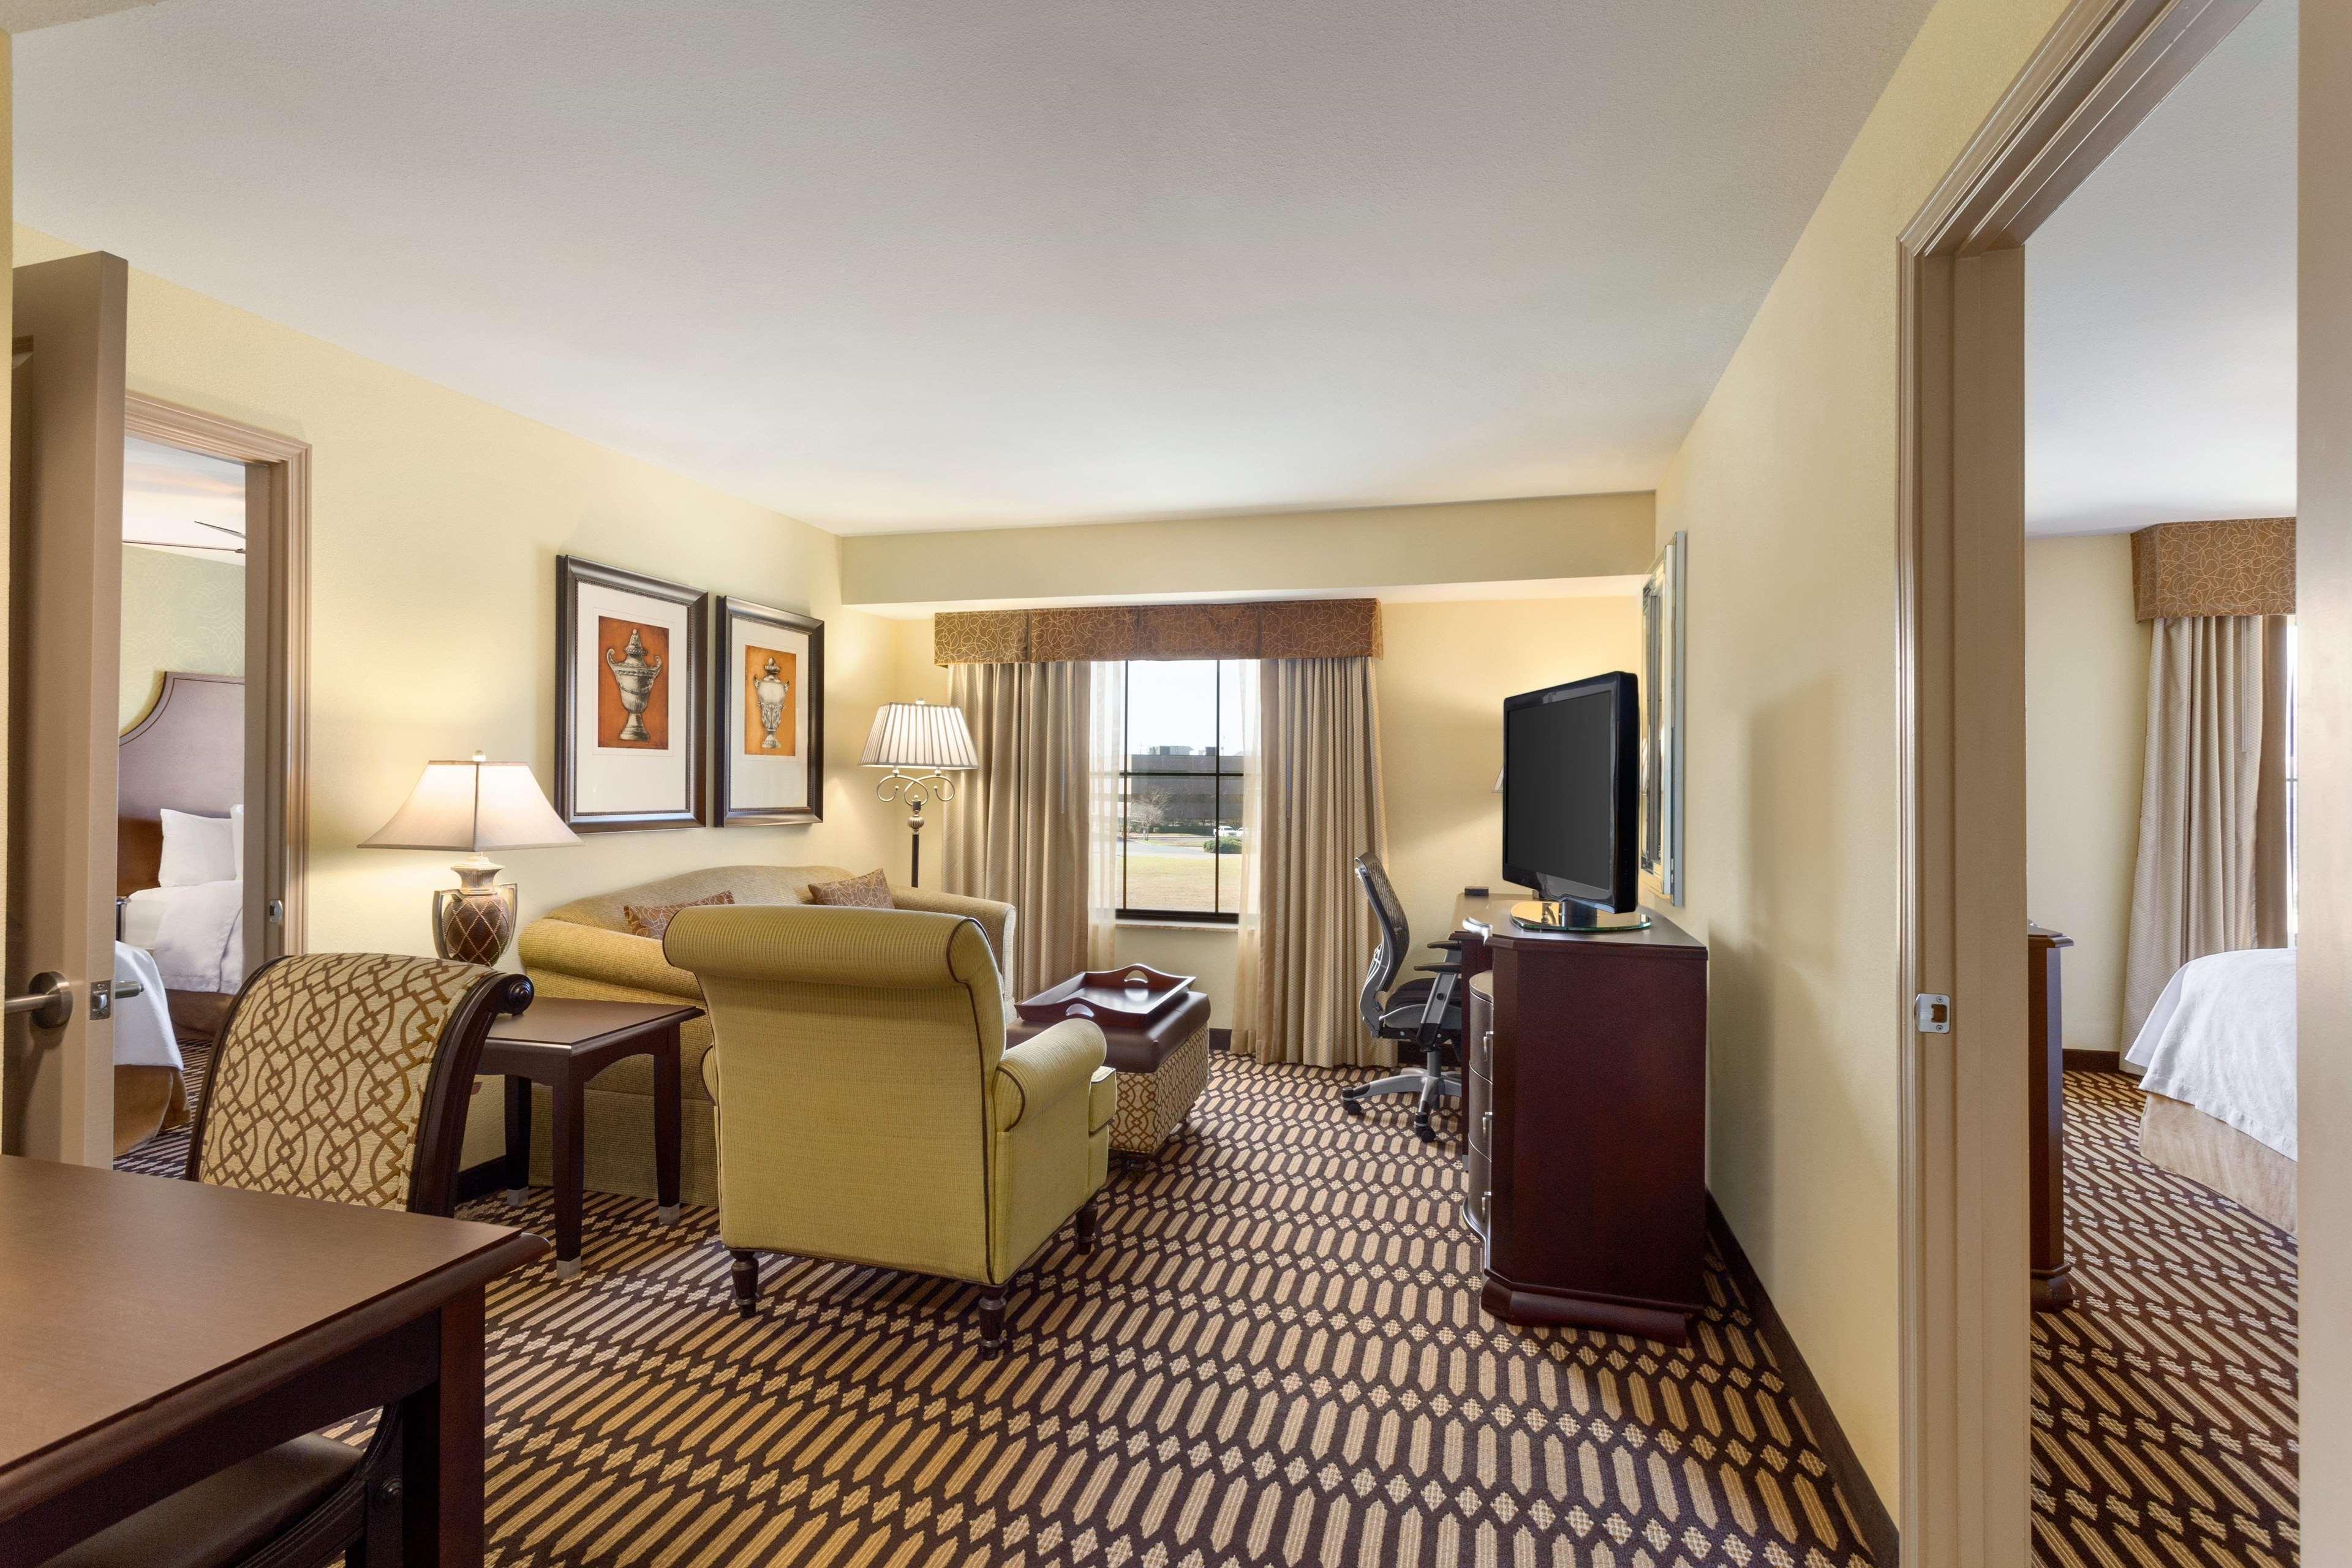 Homewood Suites by Hilton Lafayette-Airport, LA image 23